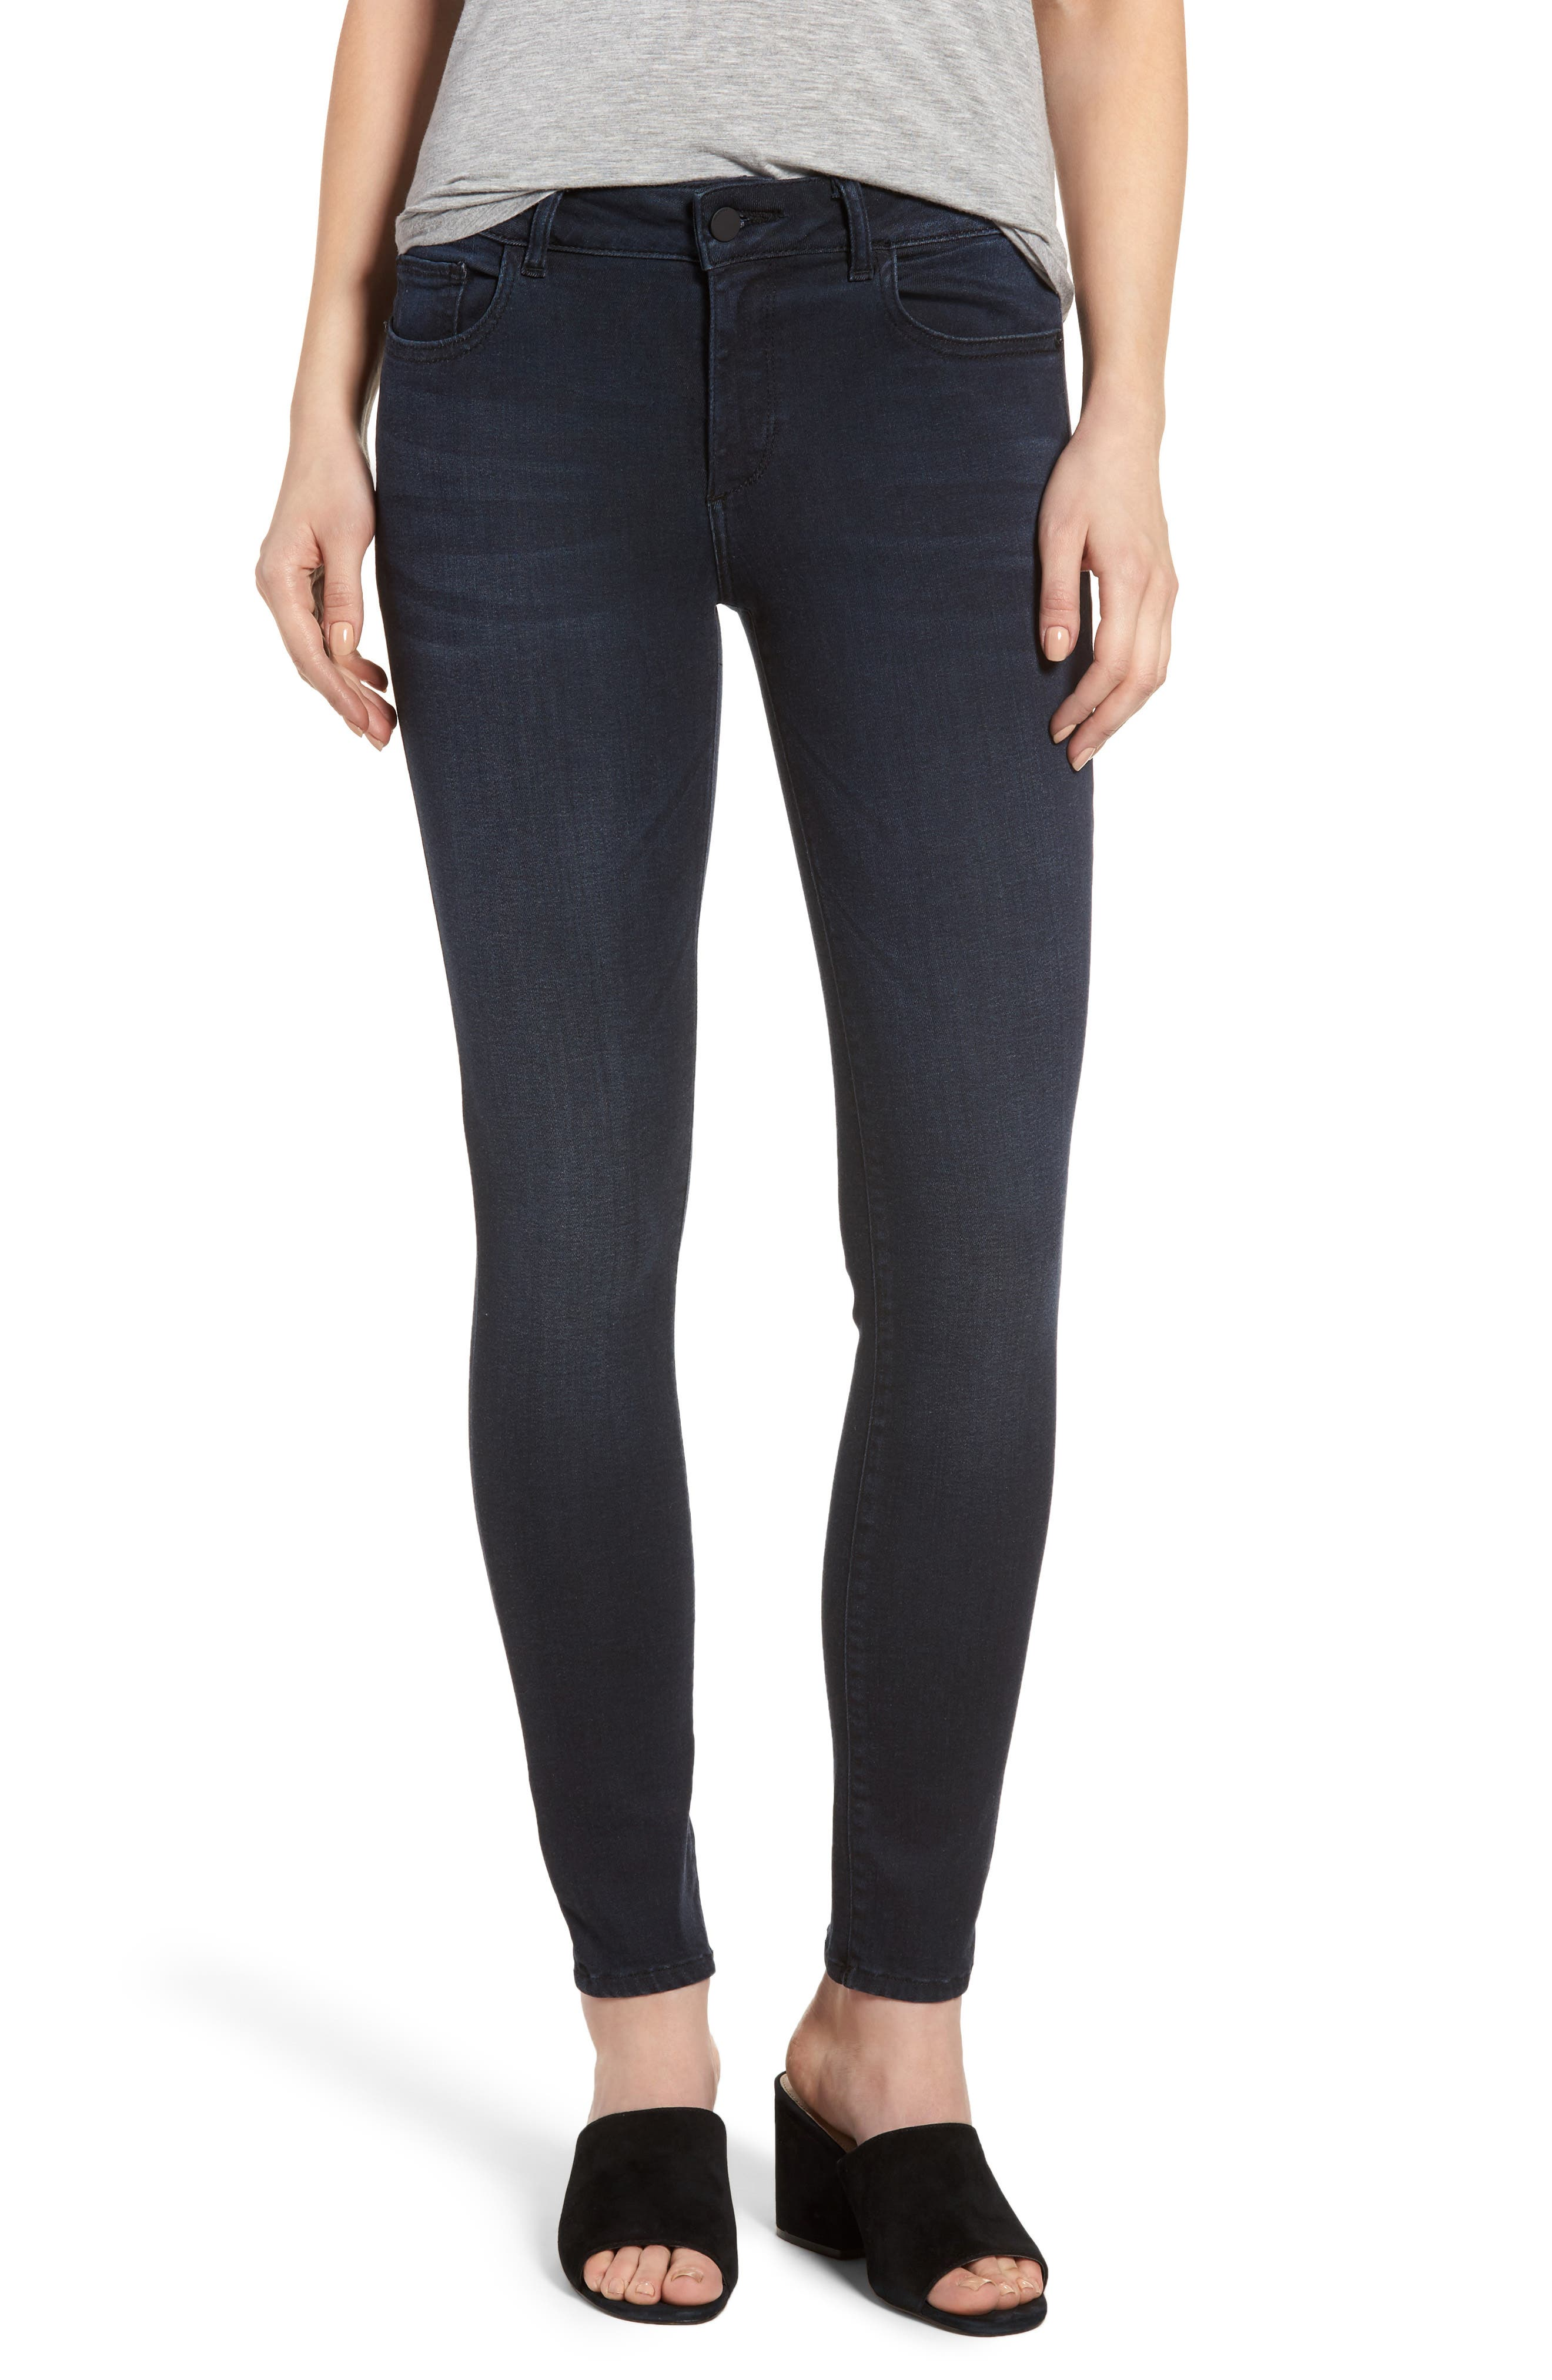 DL1961 Emma Power Legging Skinny Jeans, Main, color, 405